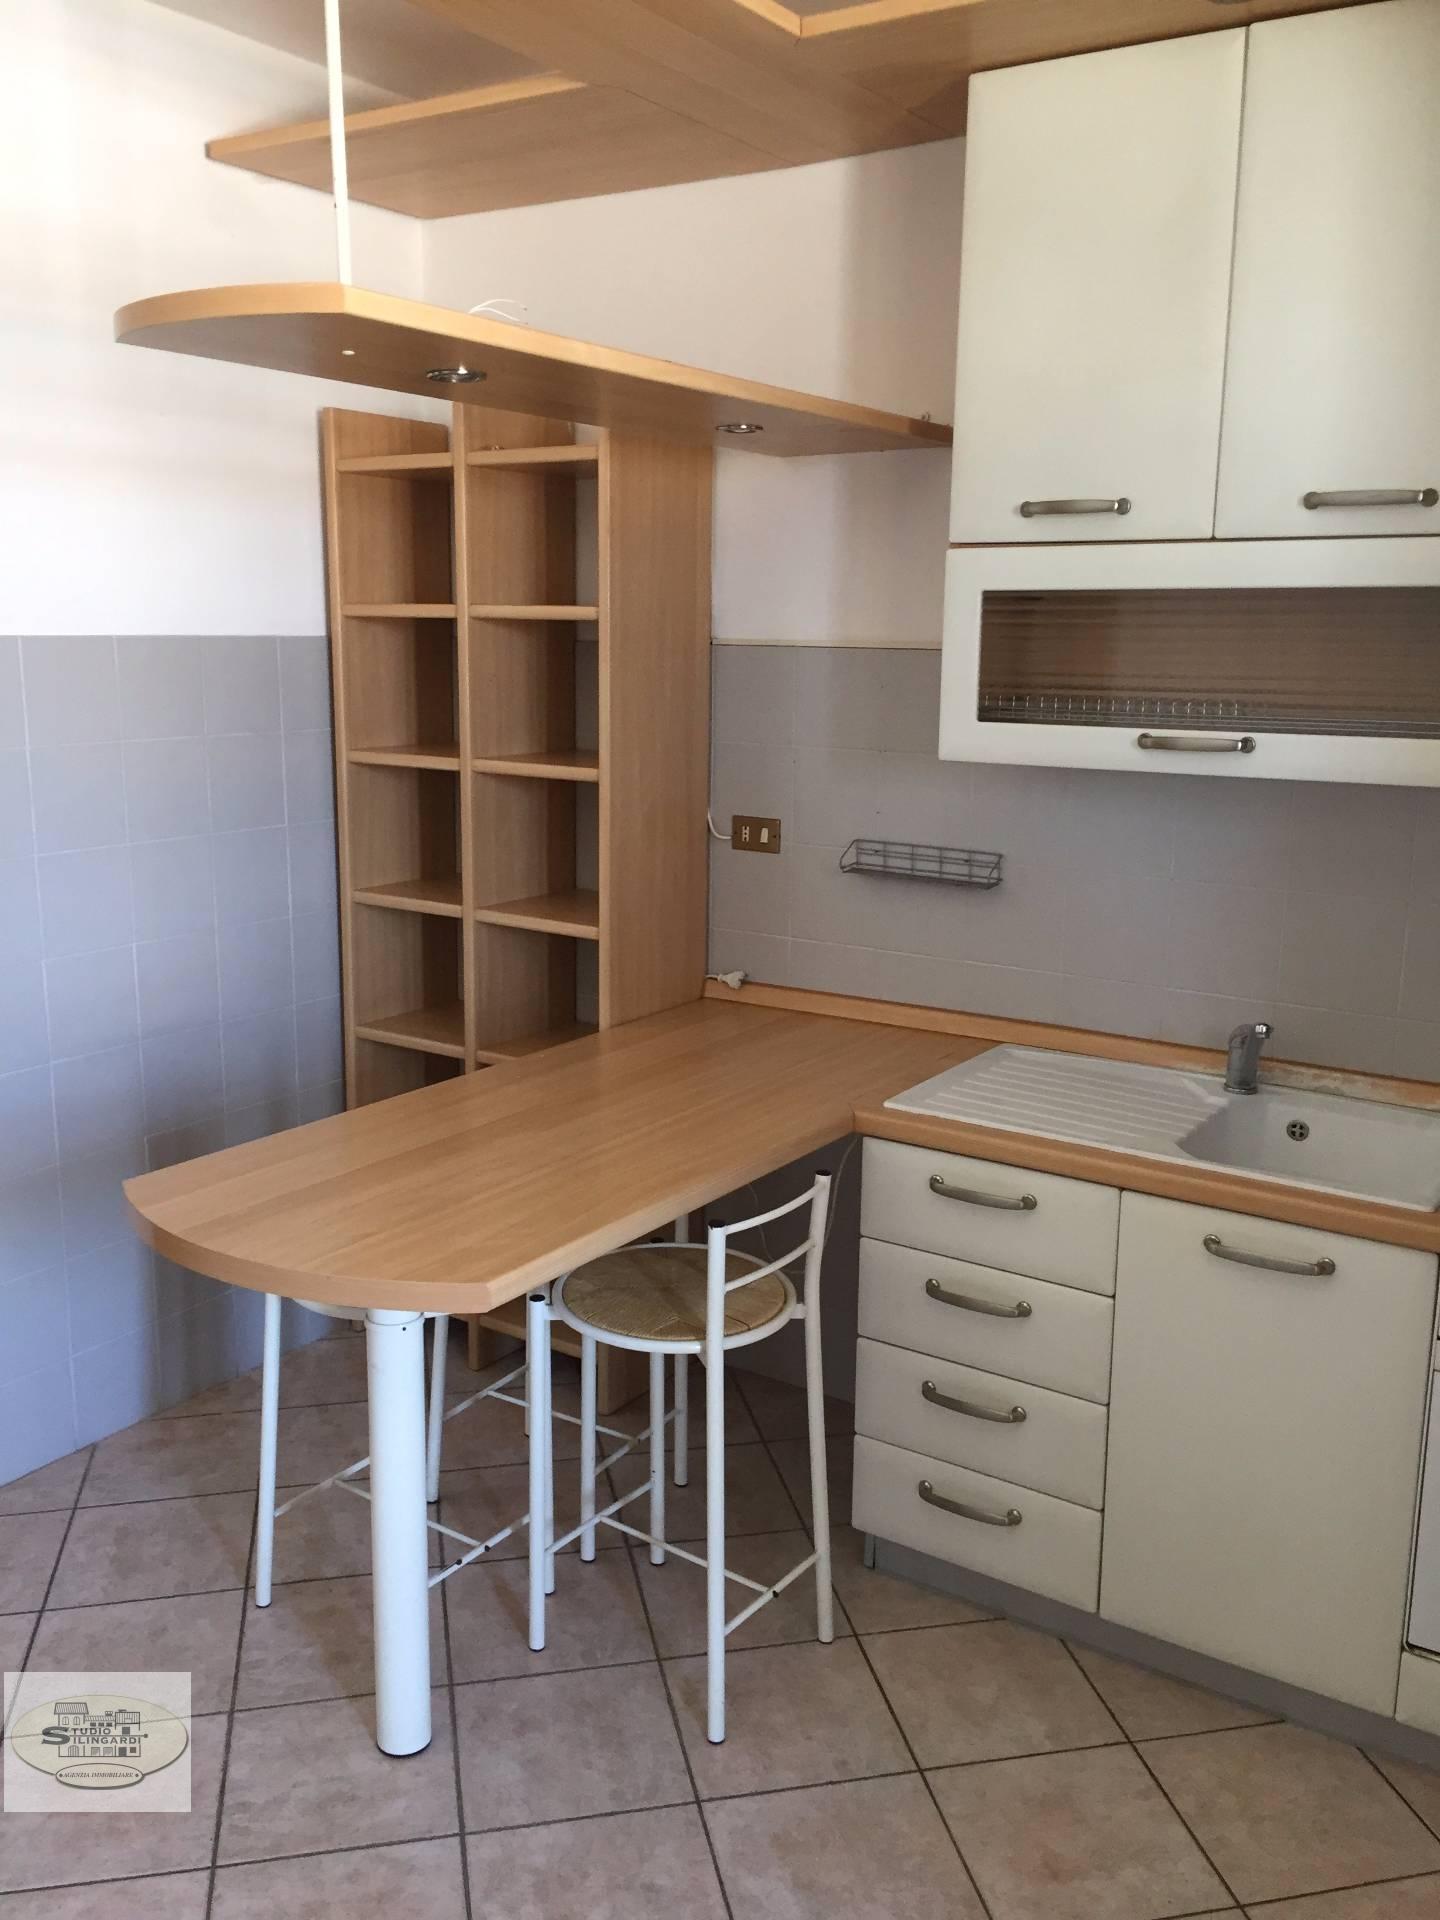 Appartamento in affitto a Formigine, 2 locali, zona Zona: Corlo, prezzo € 550 | Cambio Casa.it